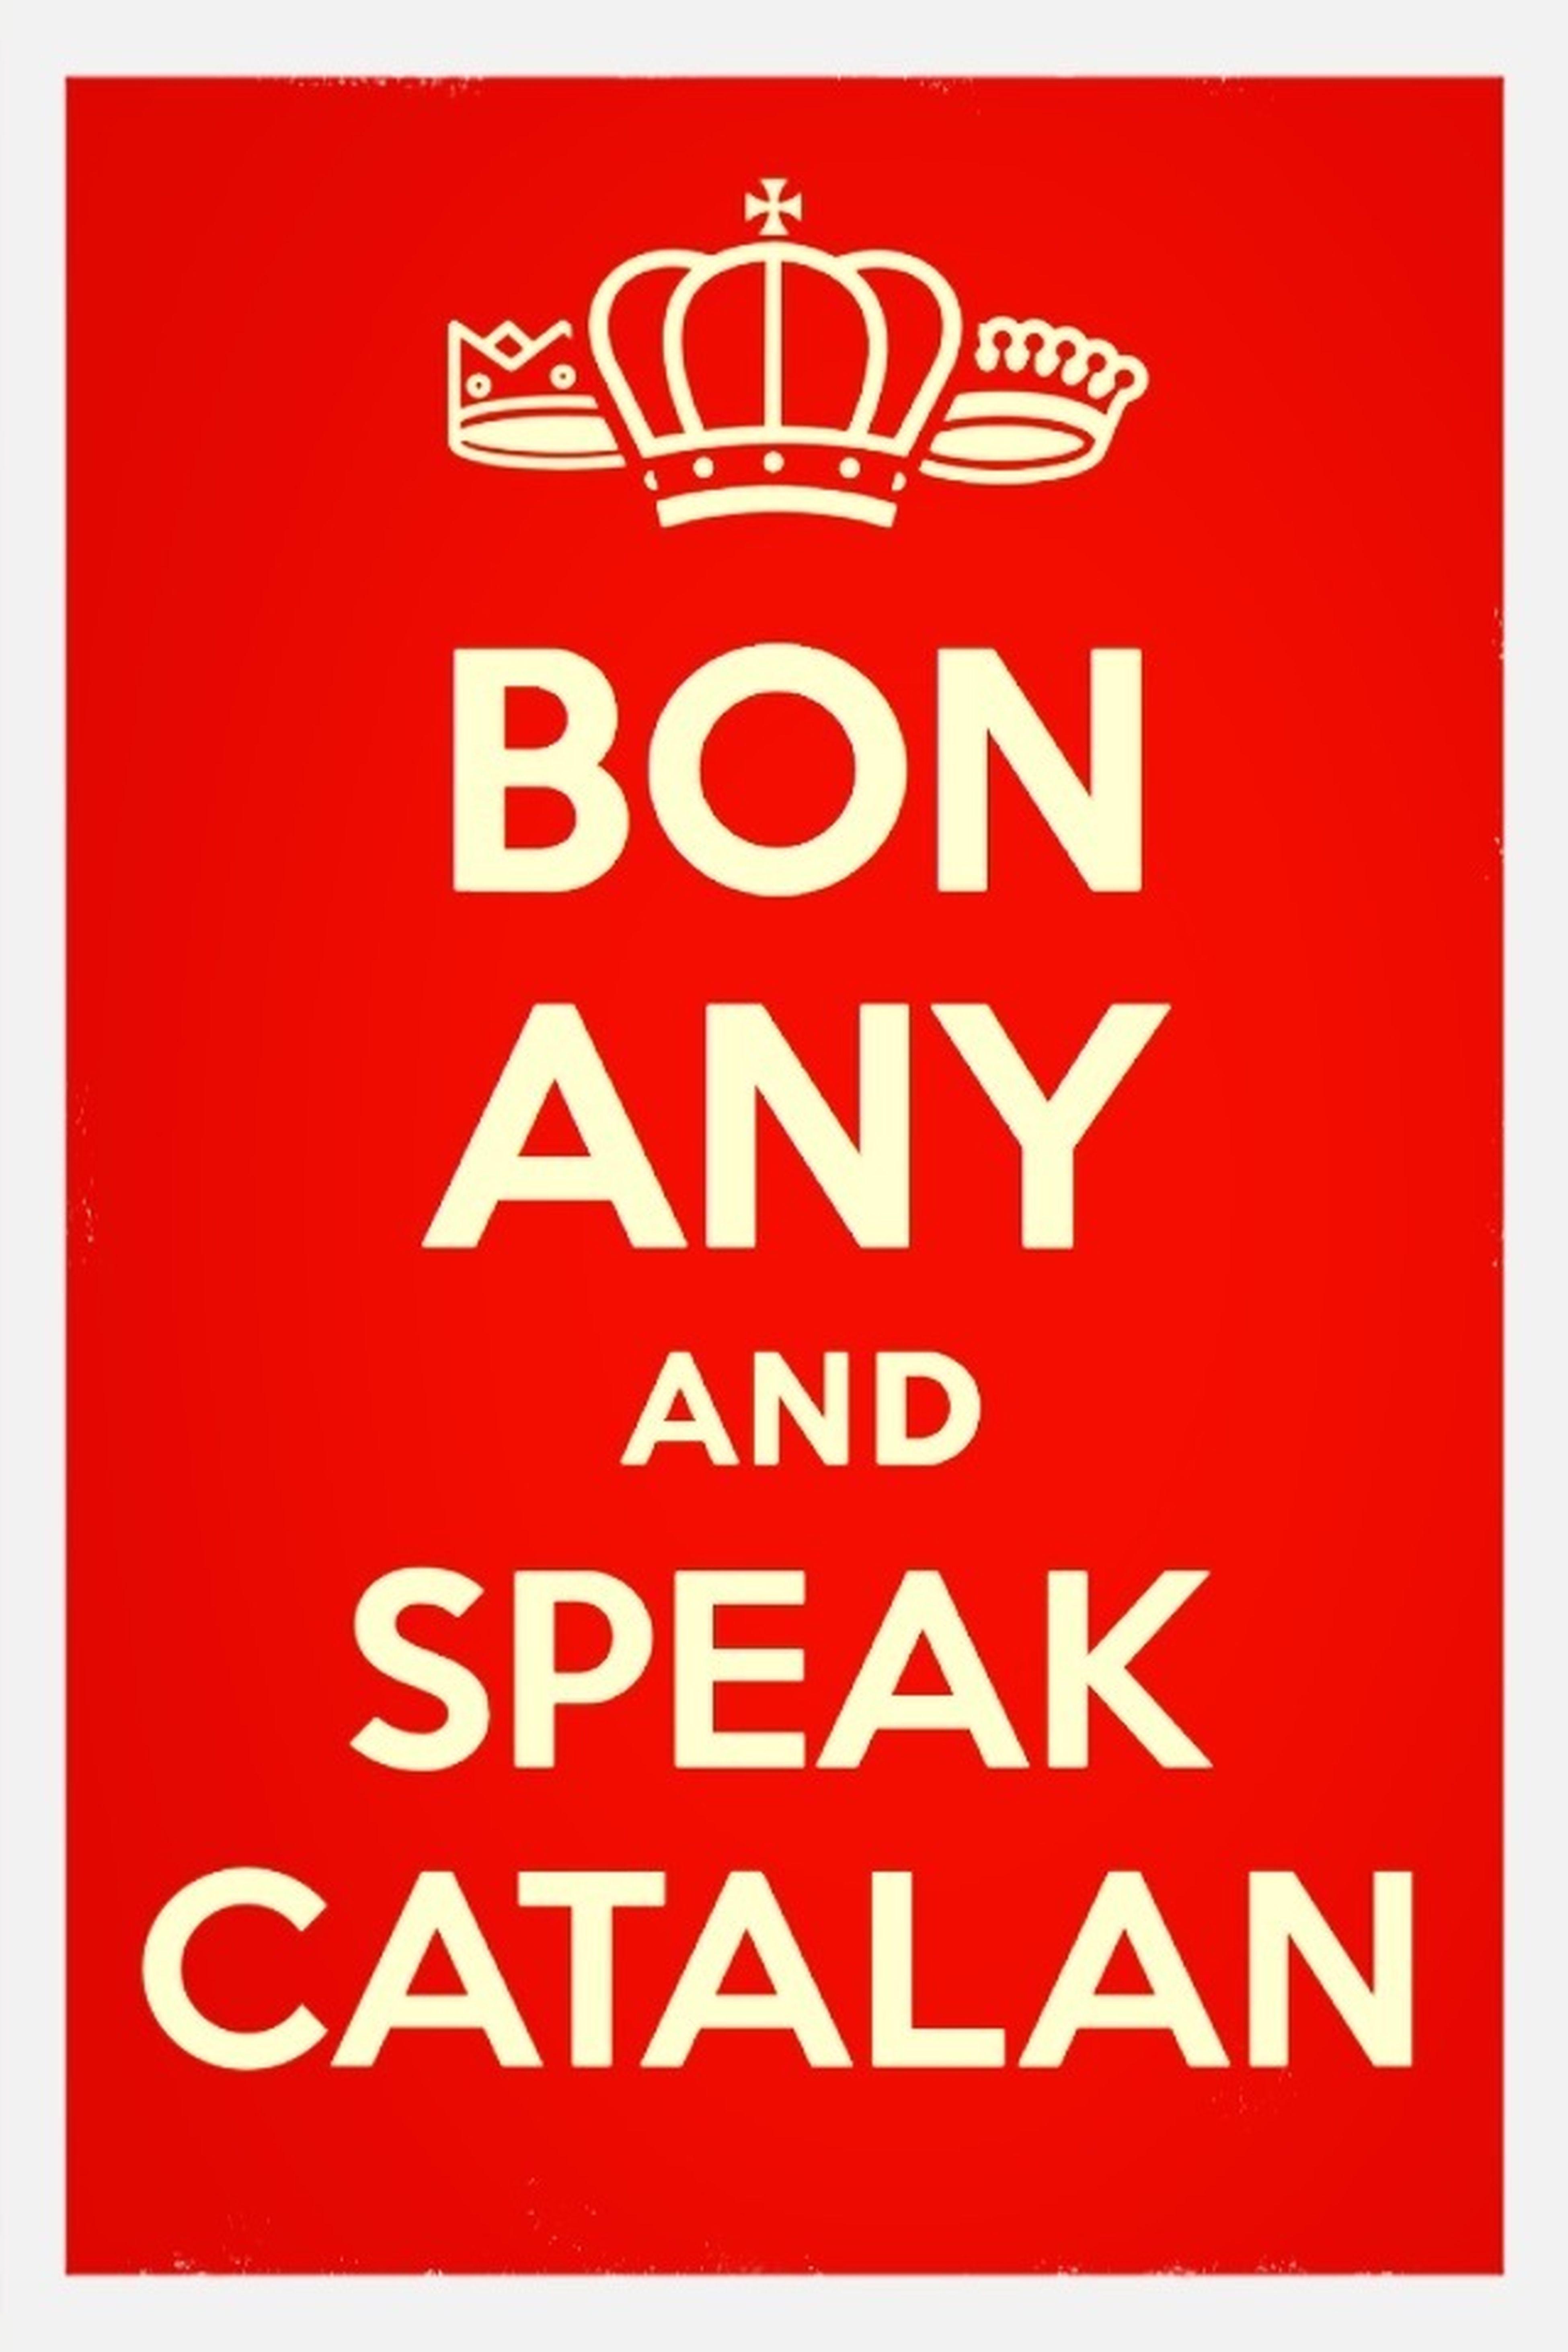 SPEAK CATALAN